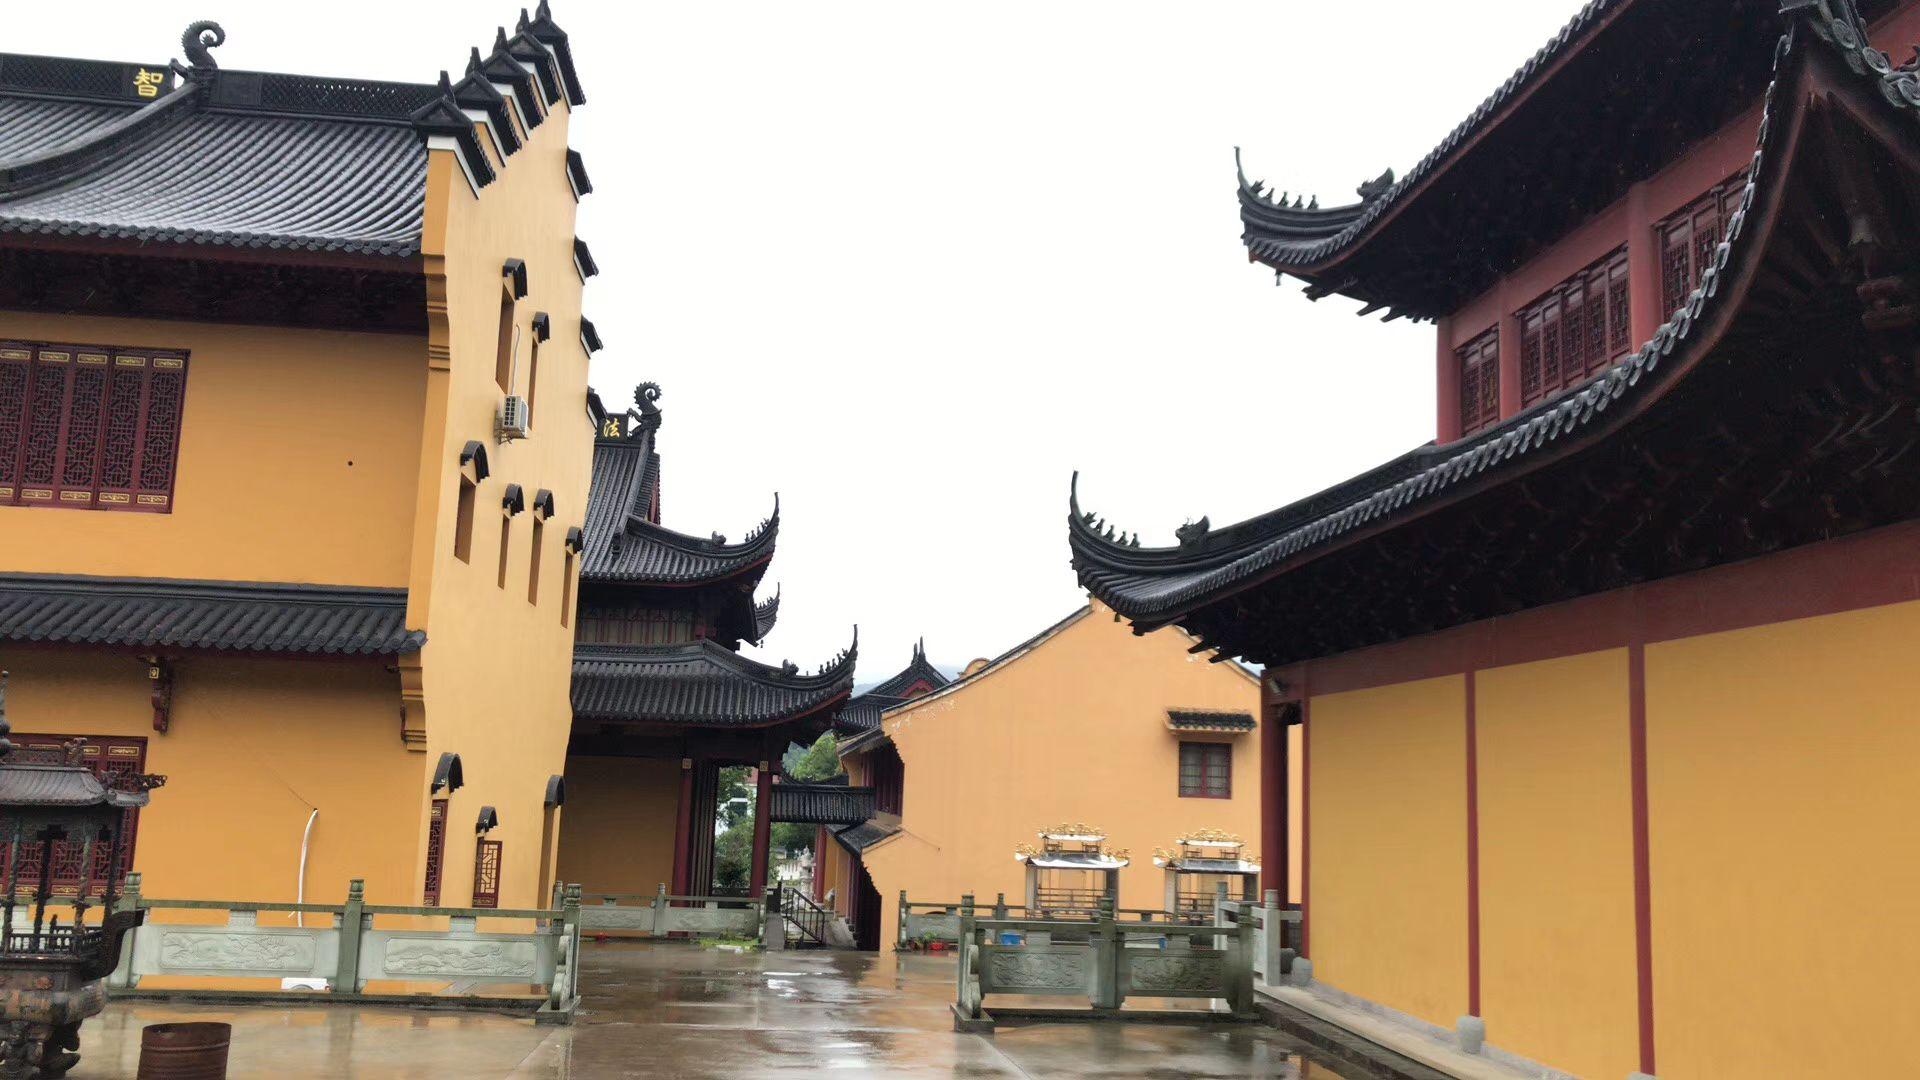 Yingtai's Hometown Zhujiazhuang